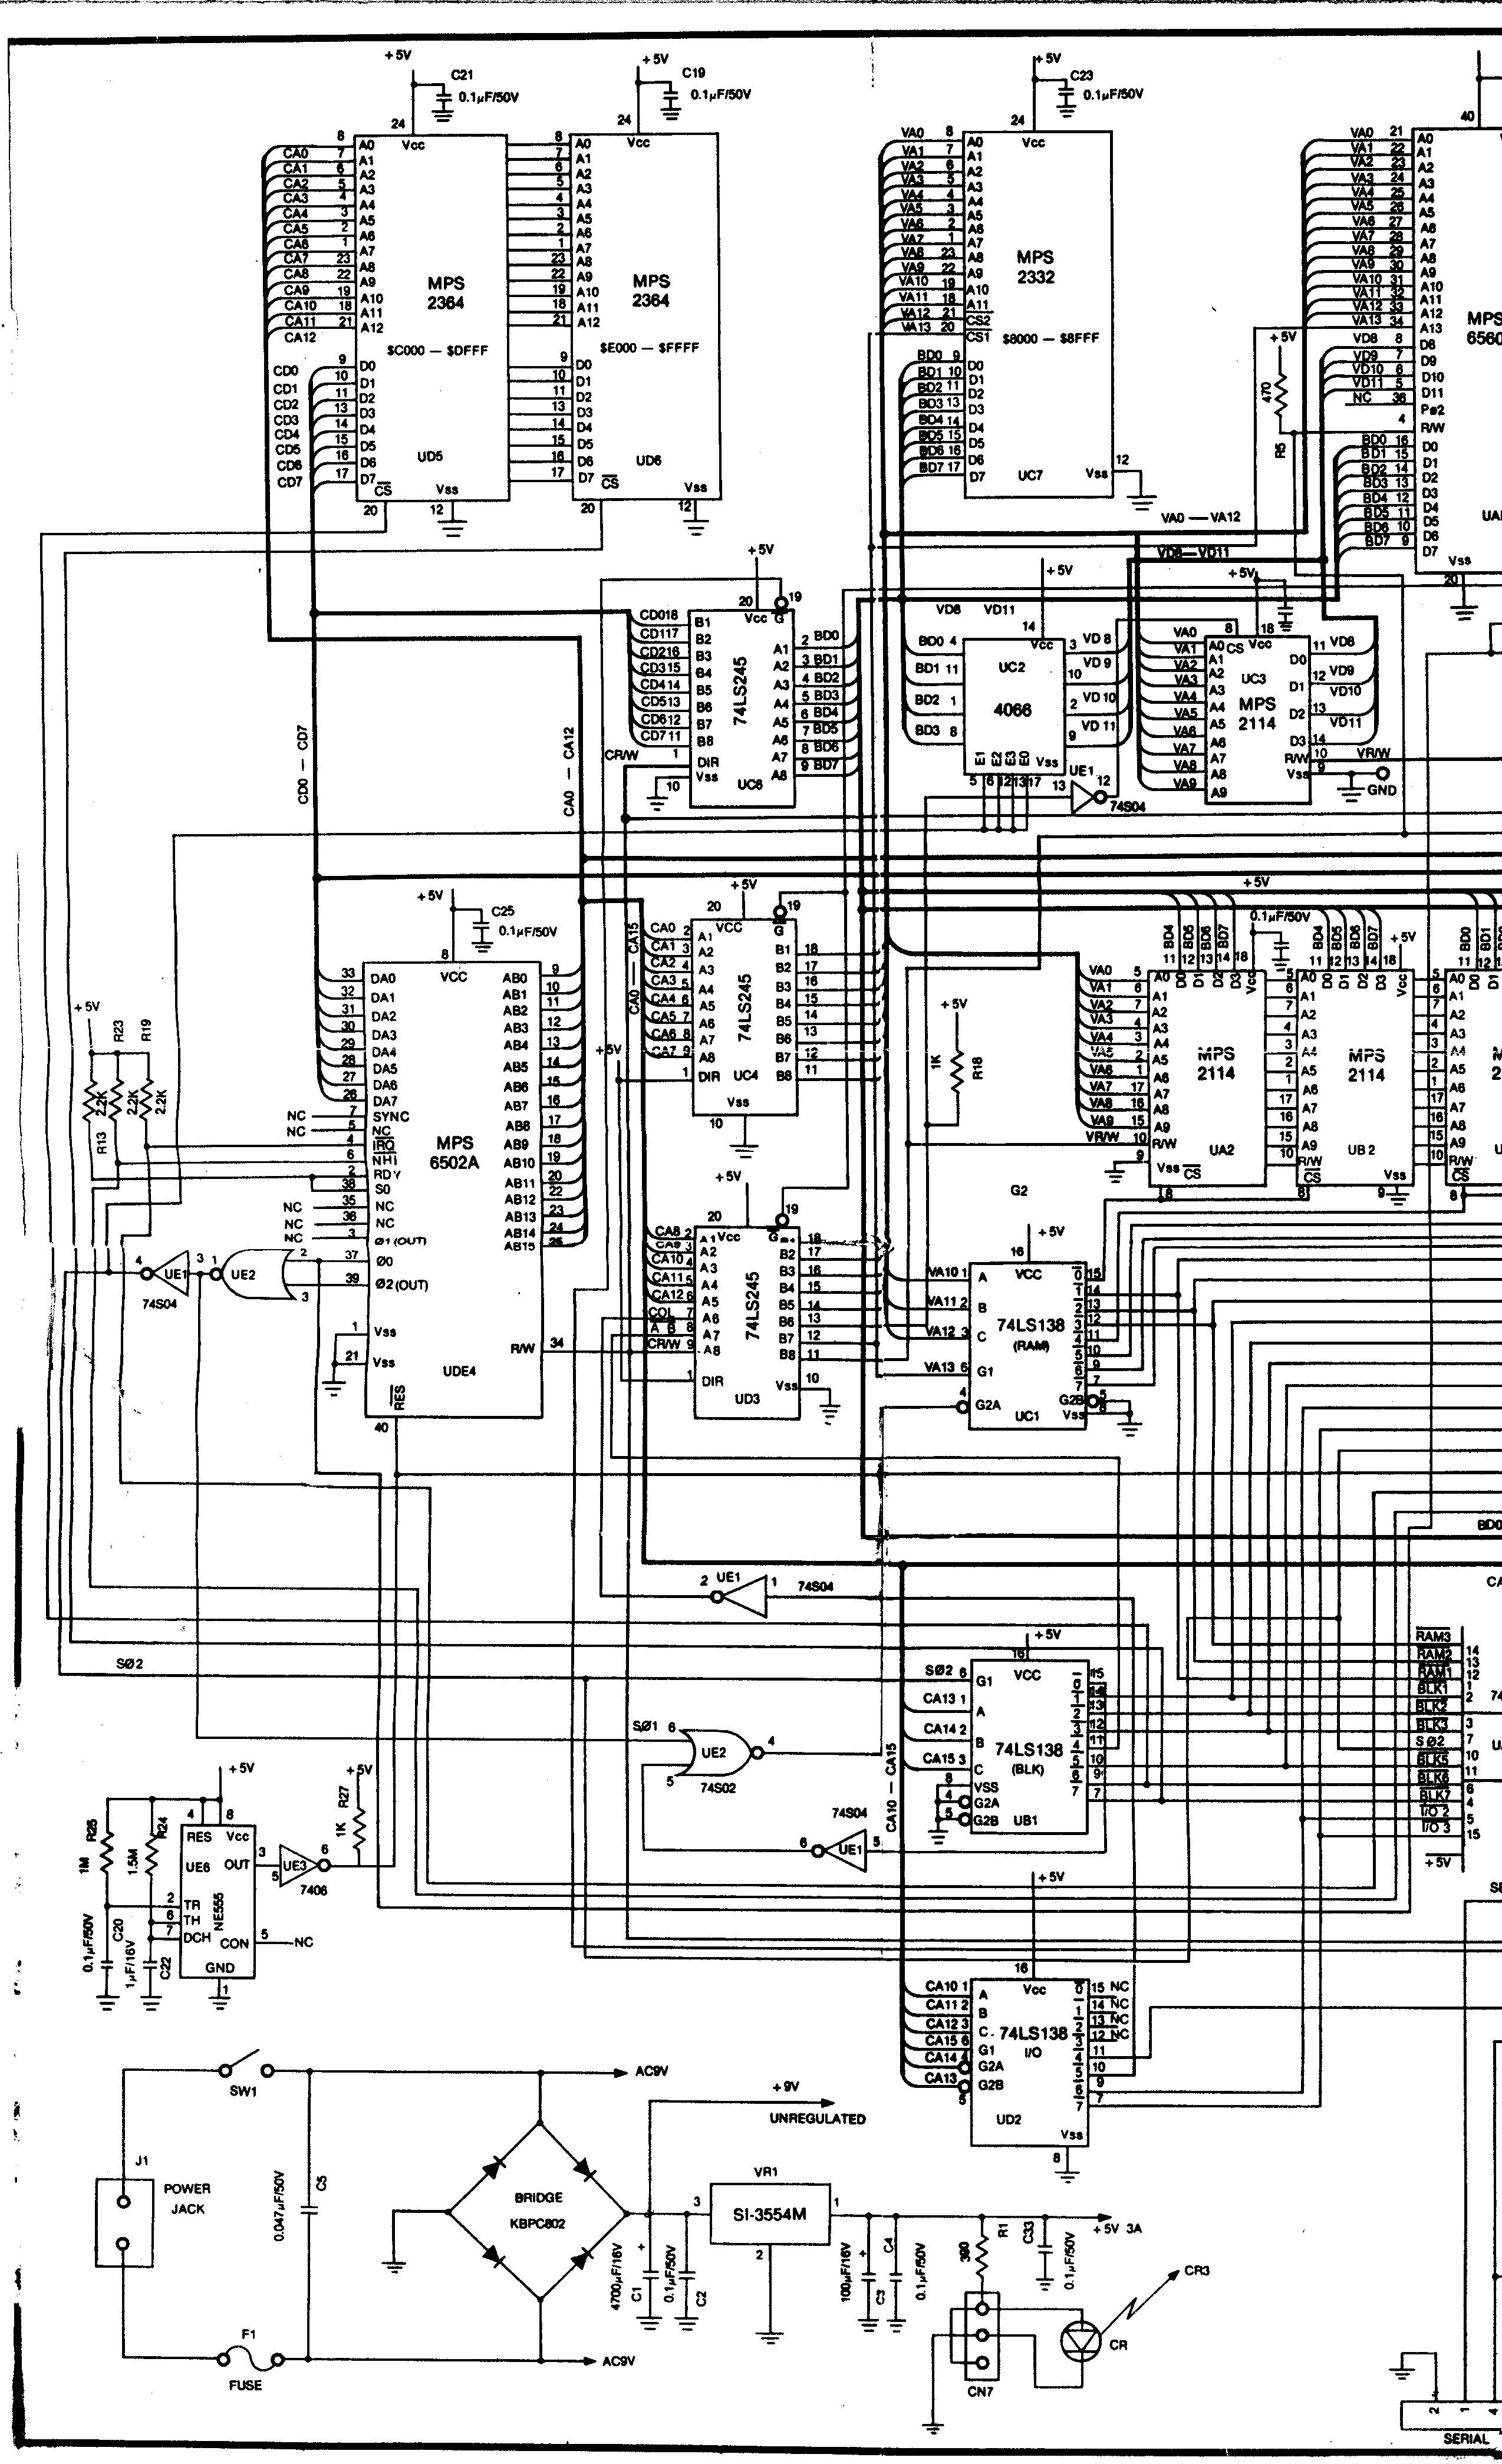 /pub/cbm/schematics/computers/vic20/